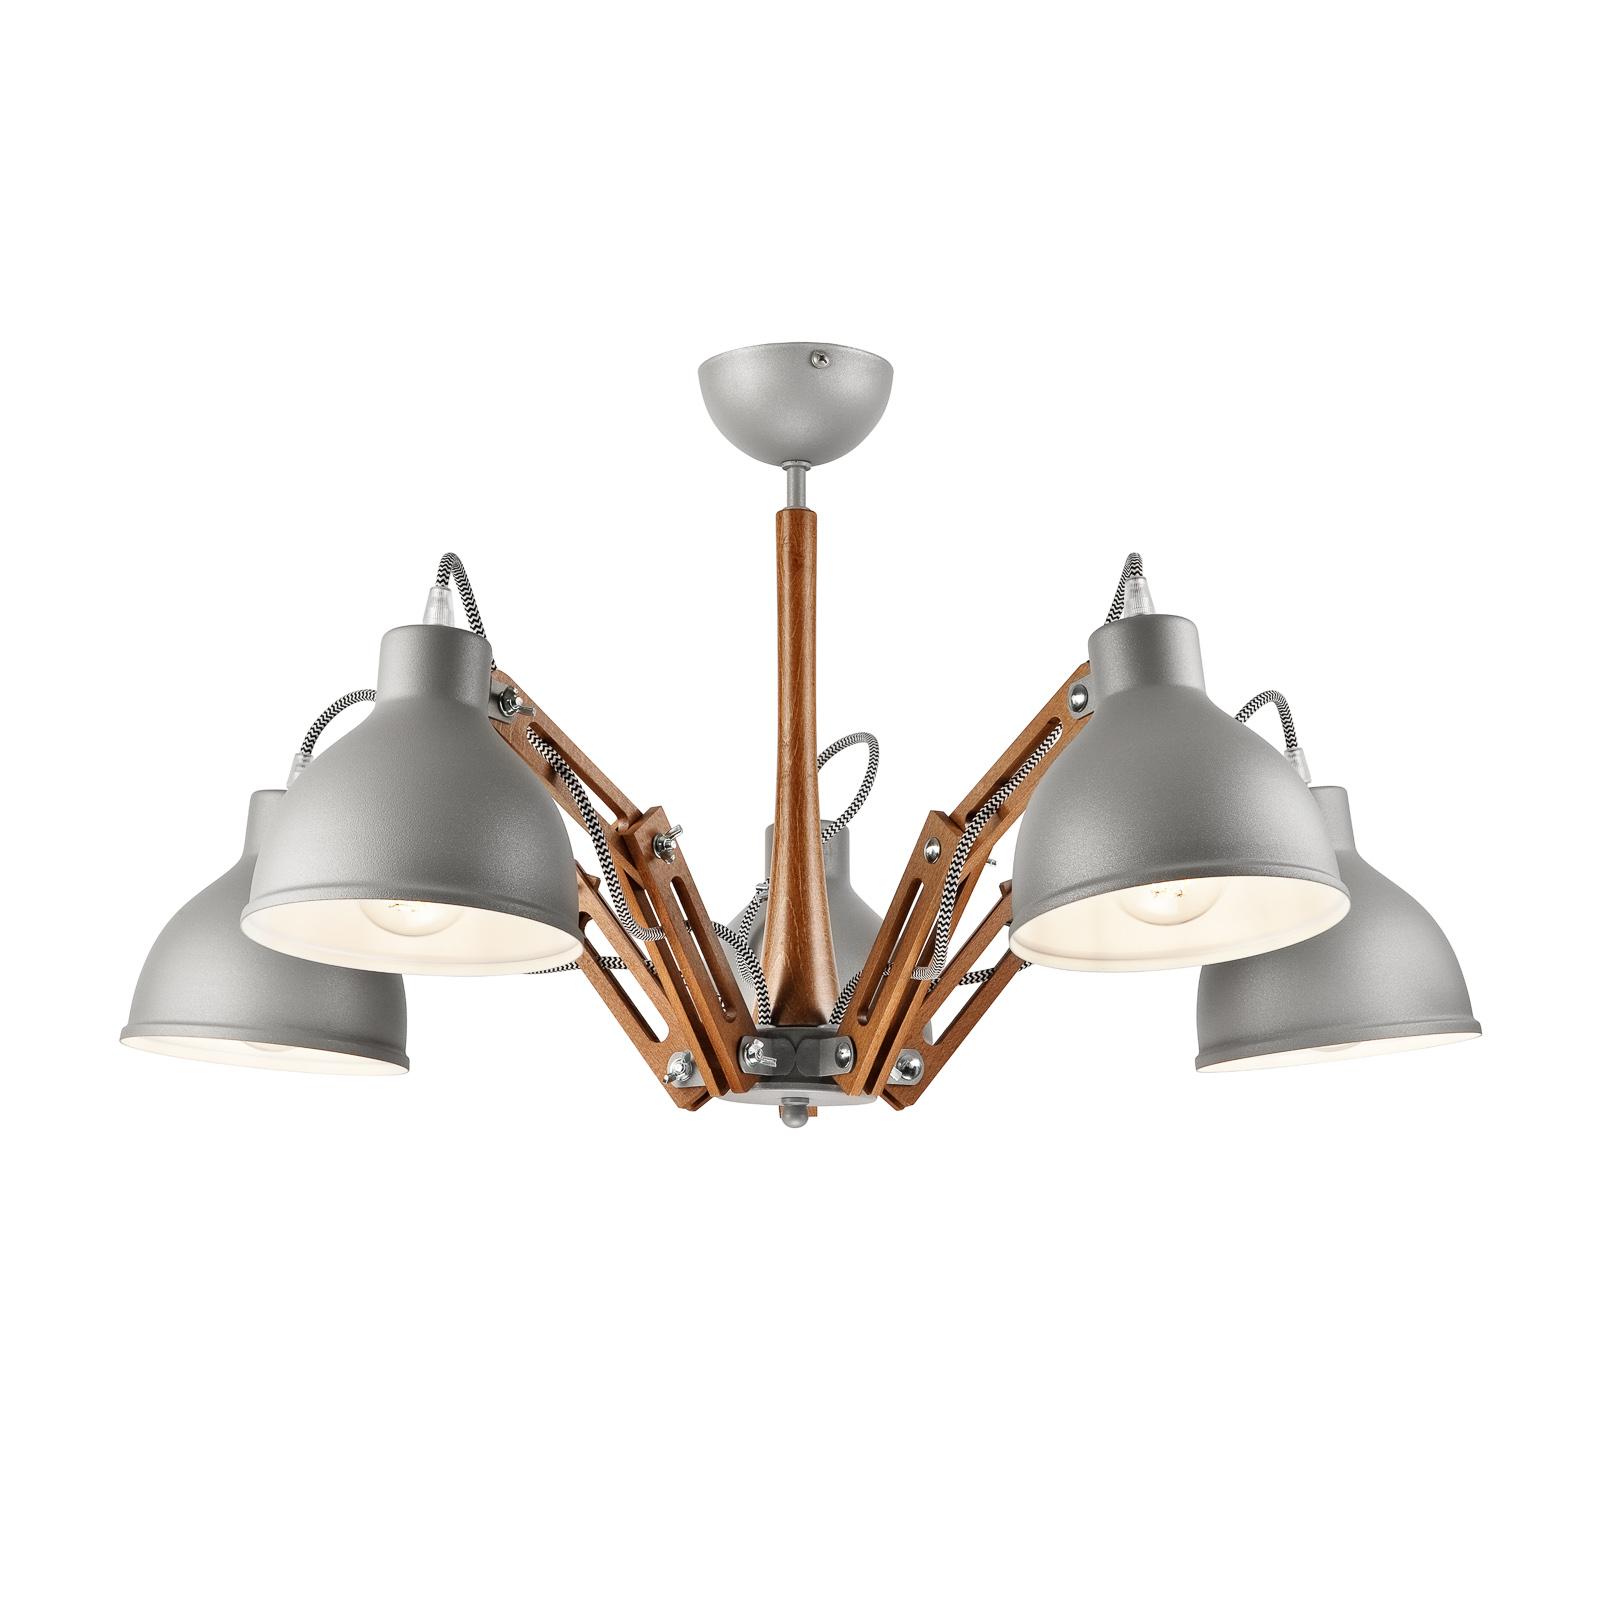 Taklampe Skansen 5 lyskilder justerbar, grå